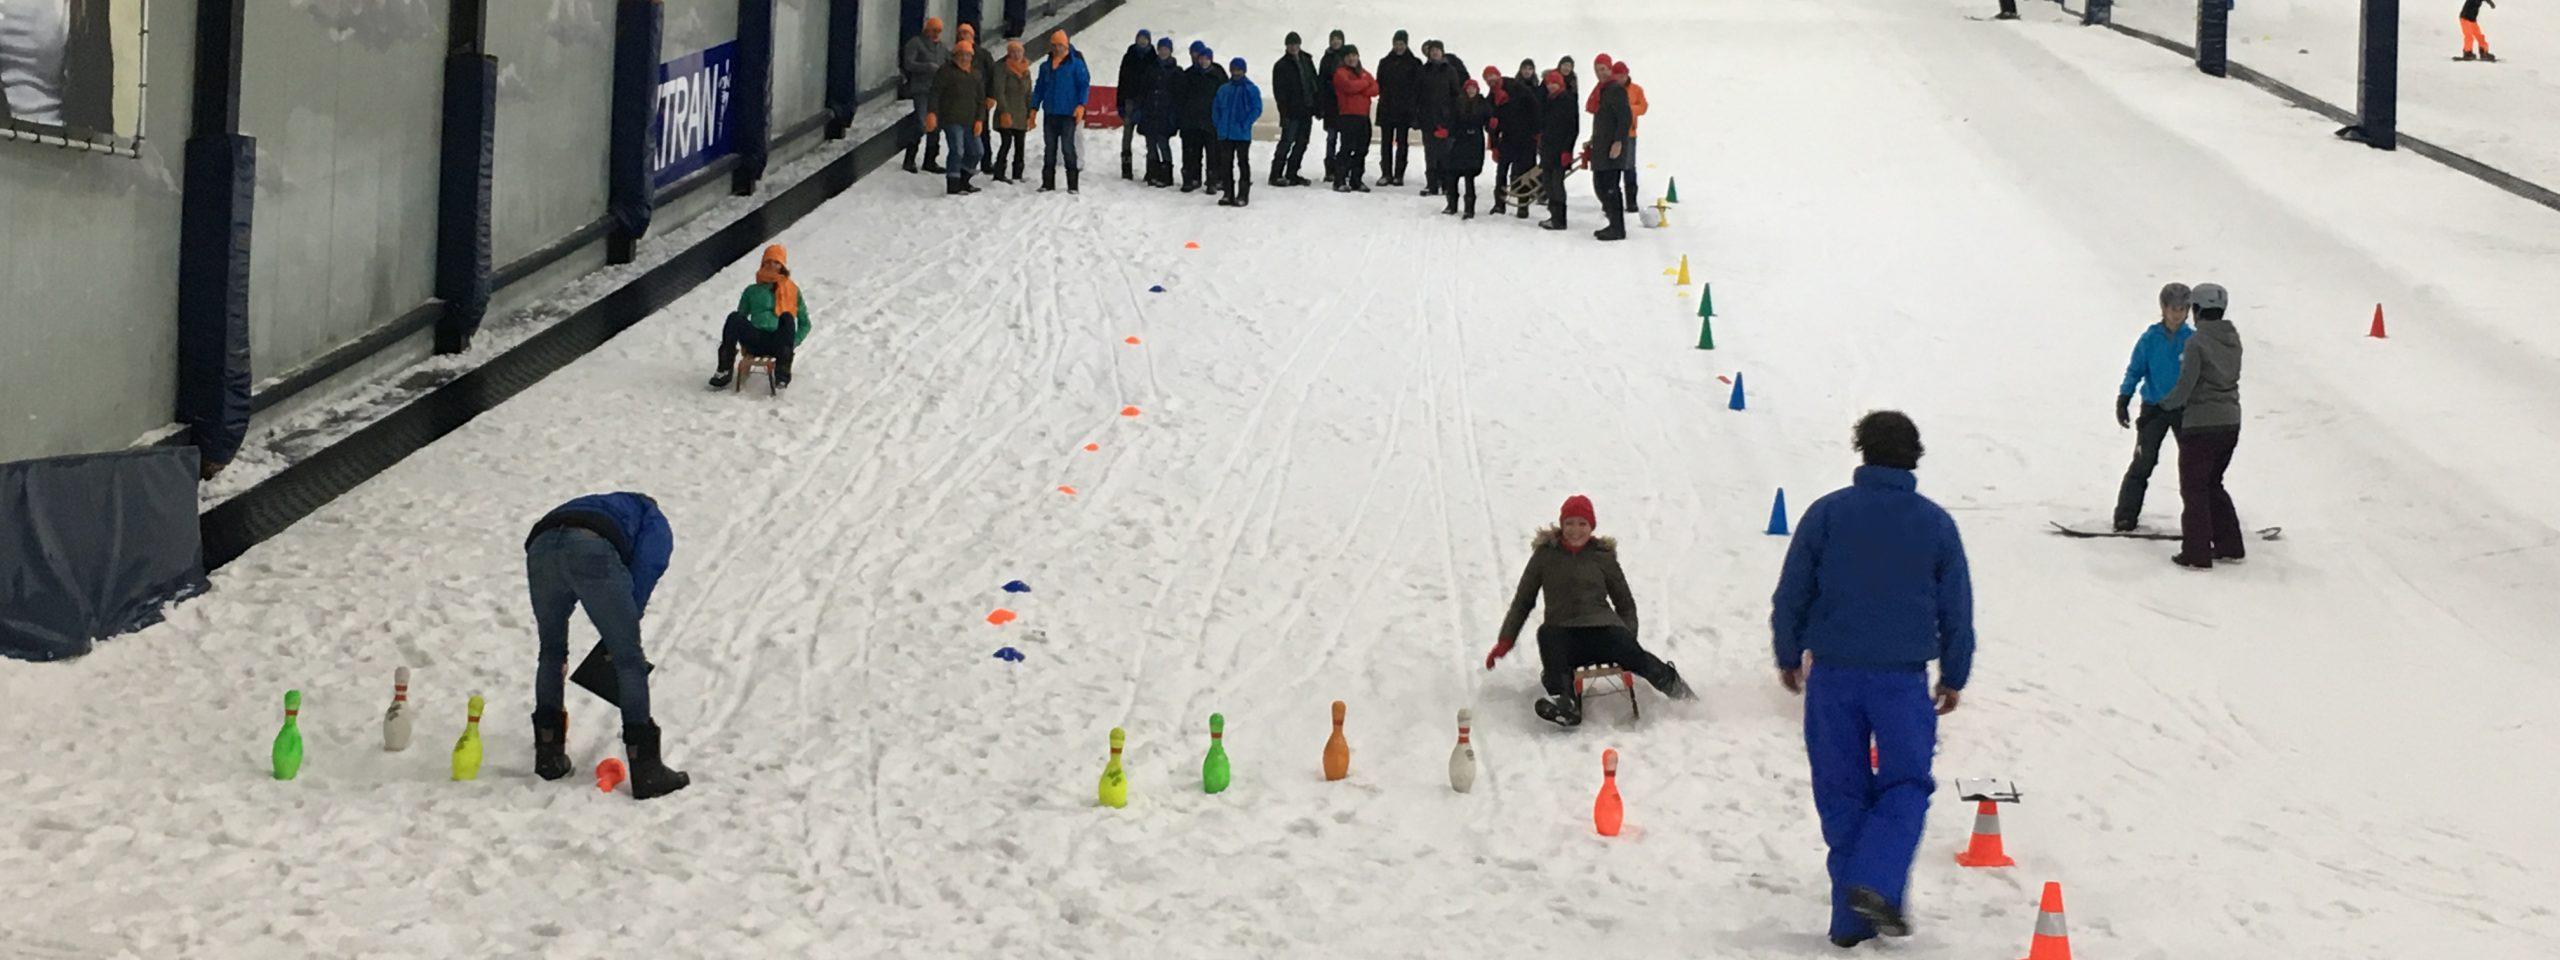 Sneeuwspelen Breda